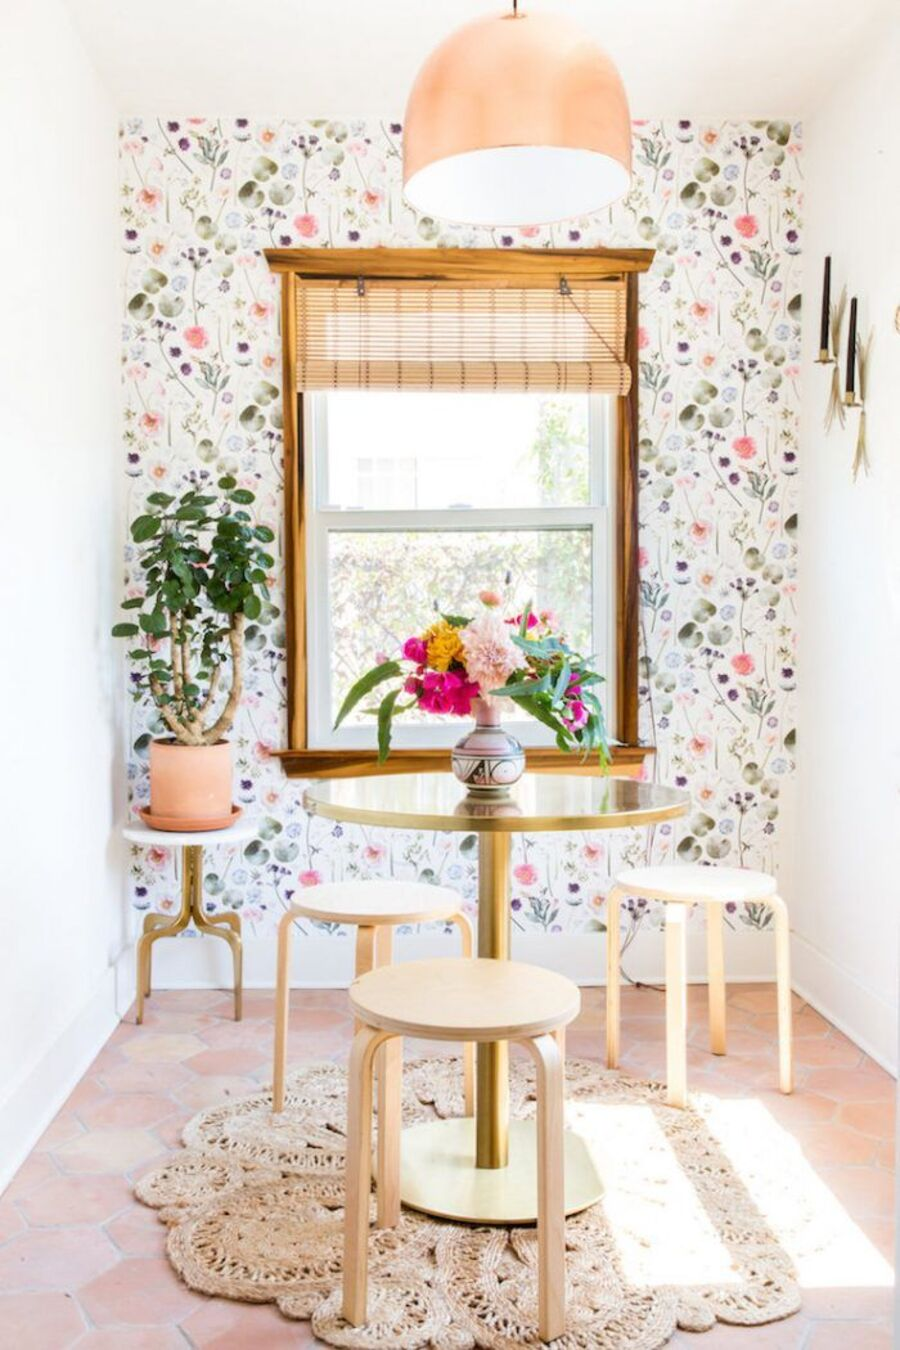 Los patrones florales son un must y ¡van con todo! desde papeles murales hasta textiles.